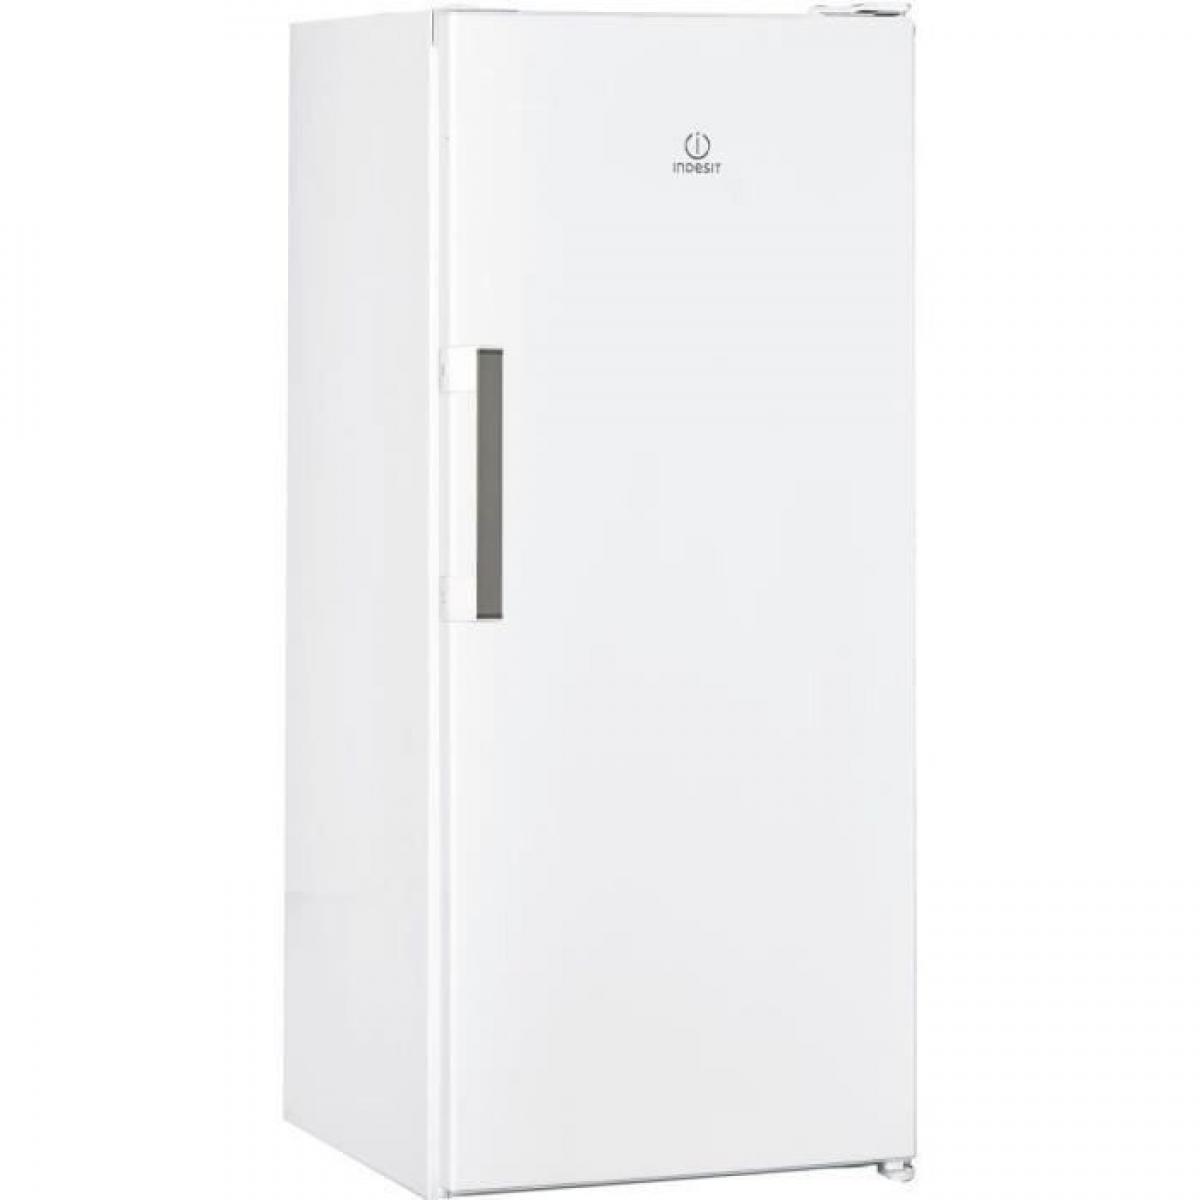 Indesit Réfrigérateur 1 Porte INDESIT SI41W1